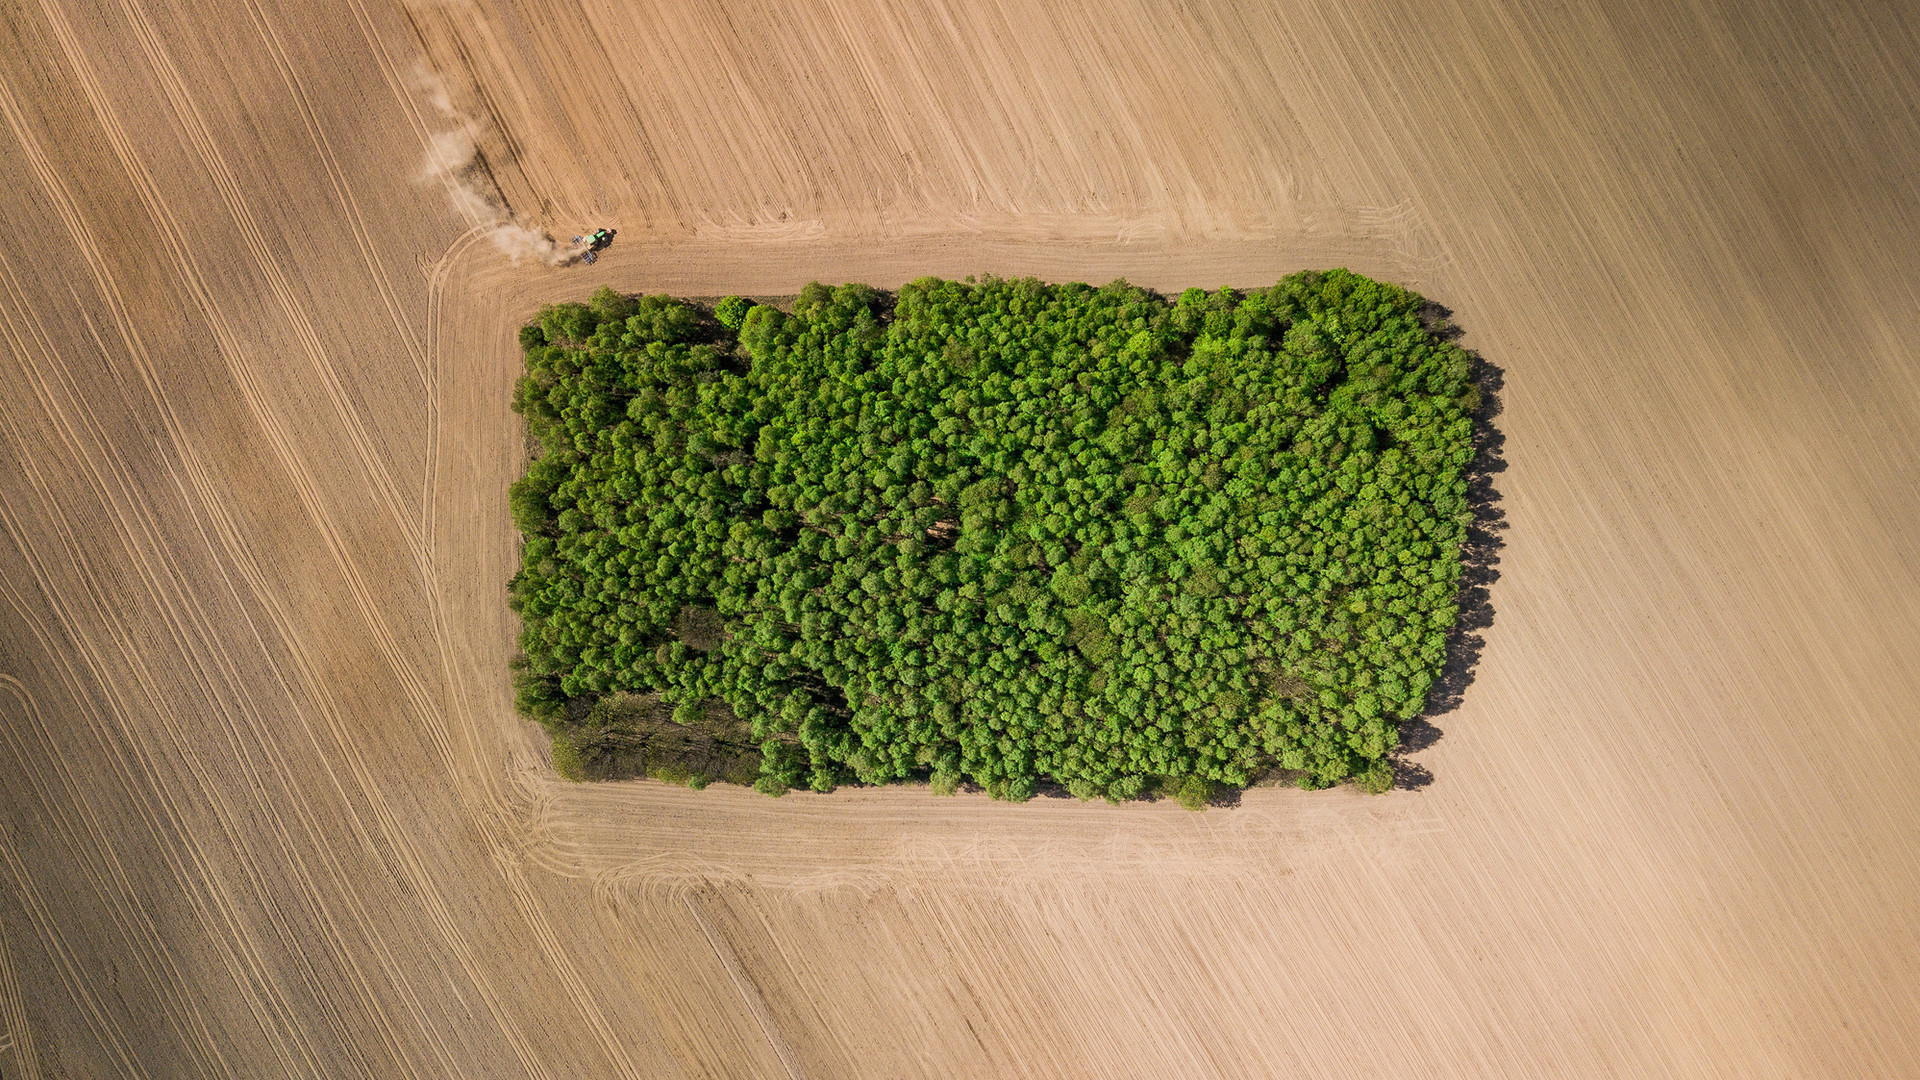 mazury trees1.jpg